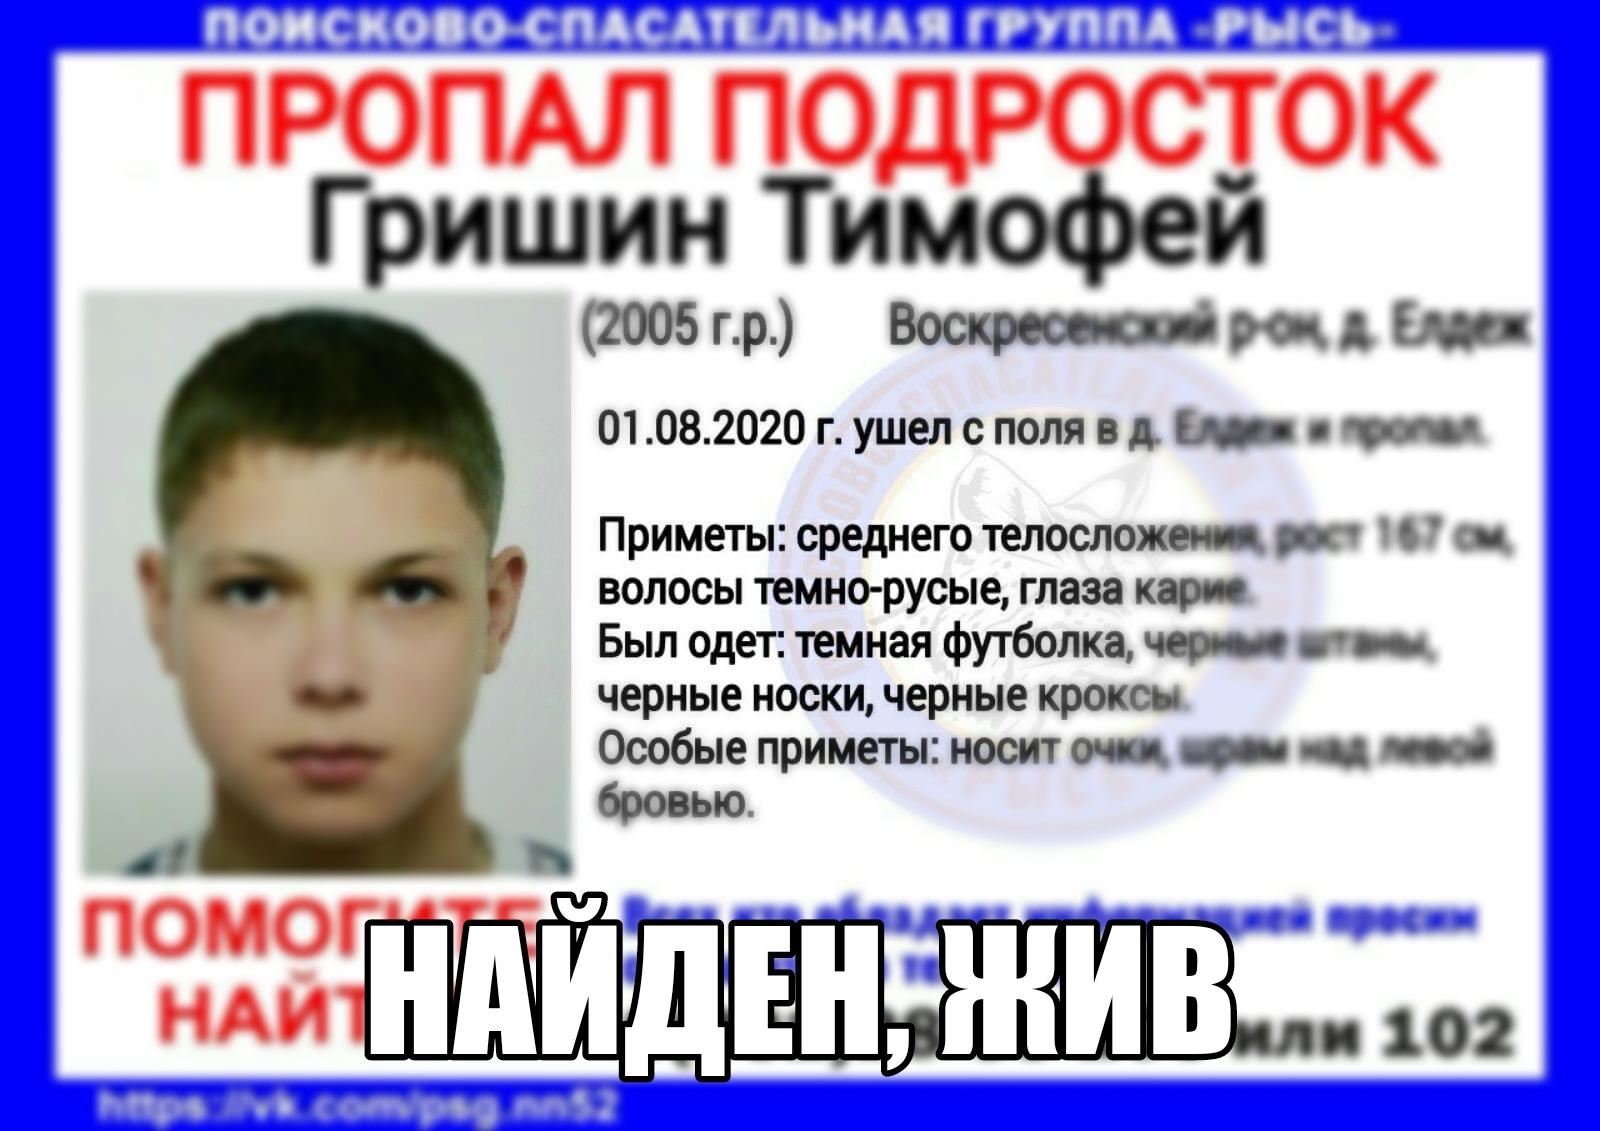 Гришин Тимофей, 2005 г.р., Воскресенский р-он, д. Елдеж